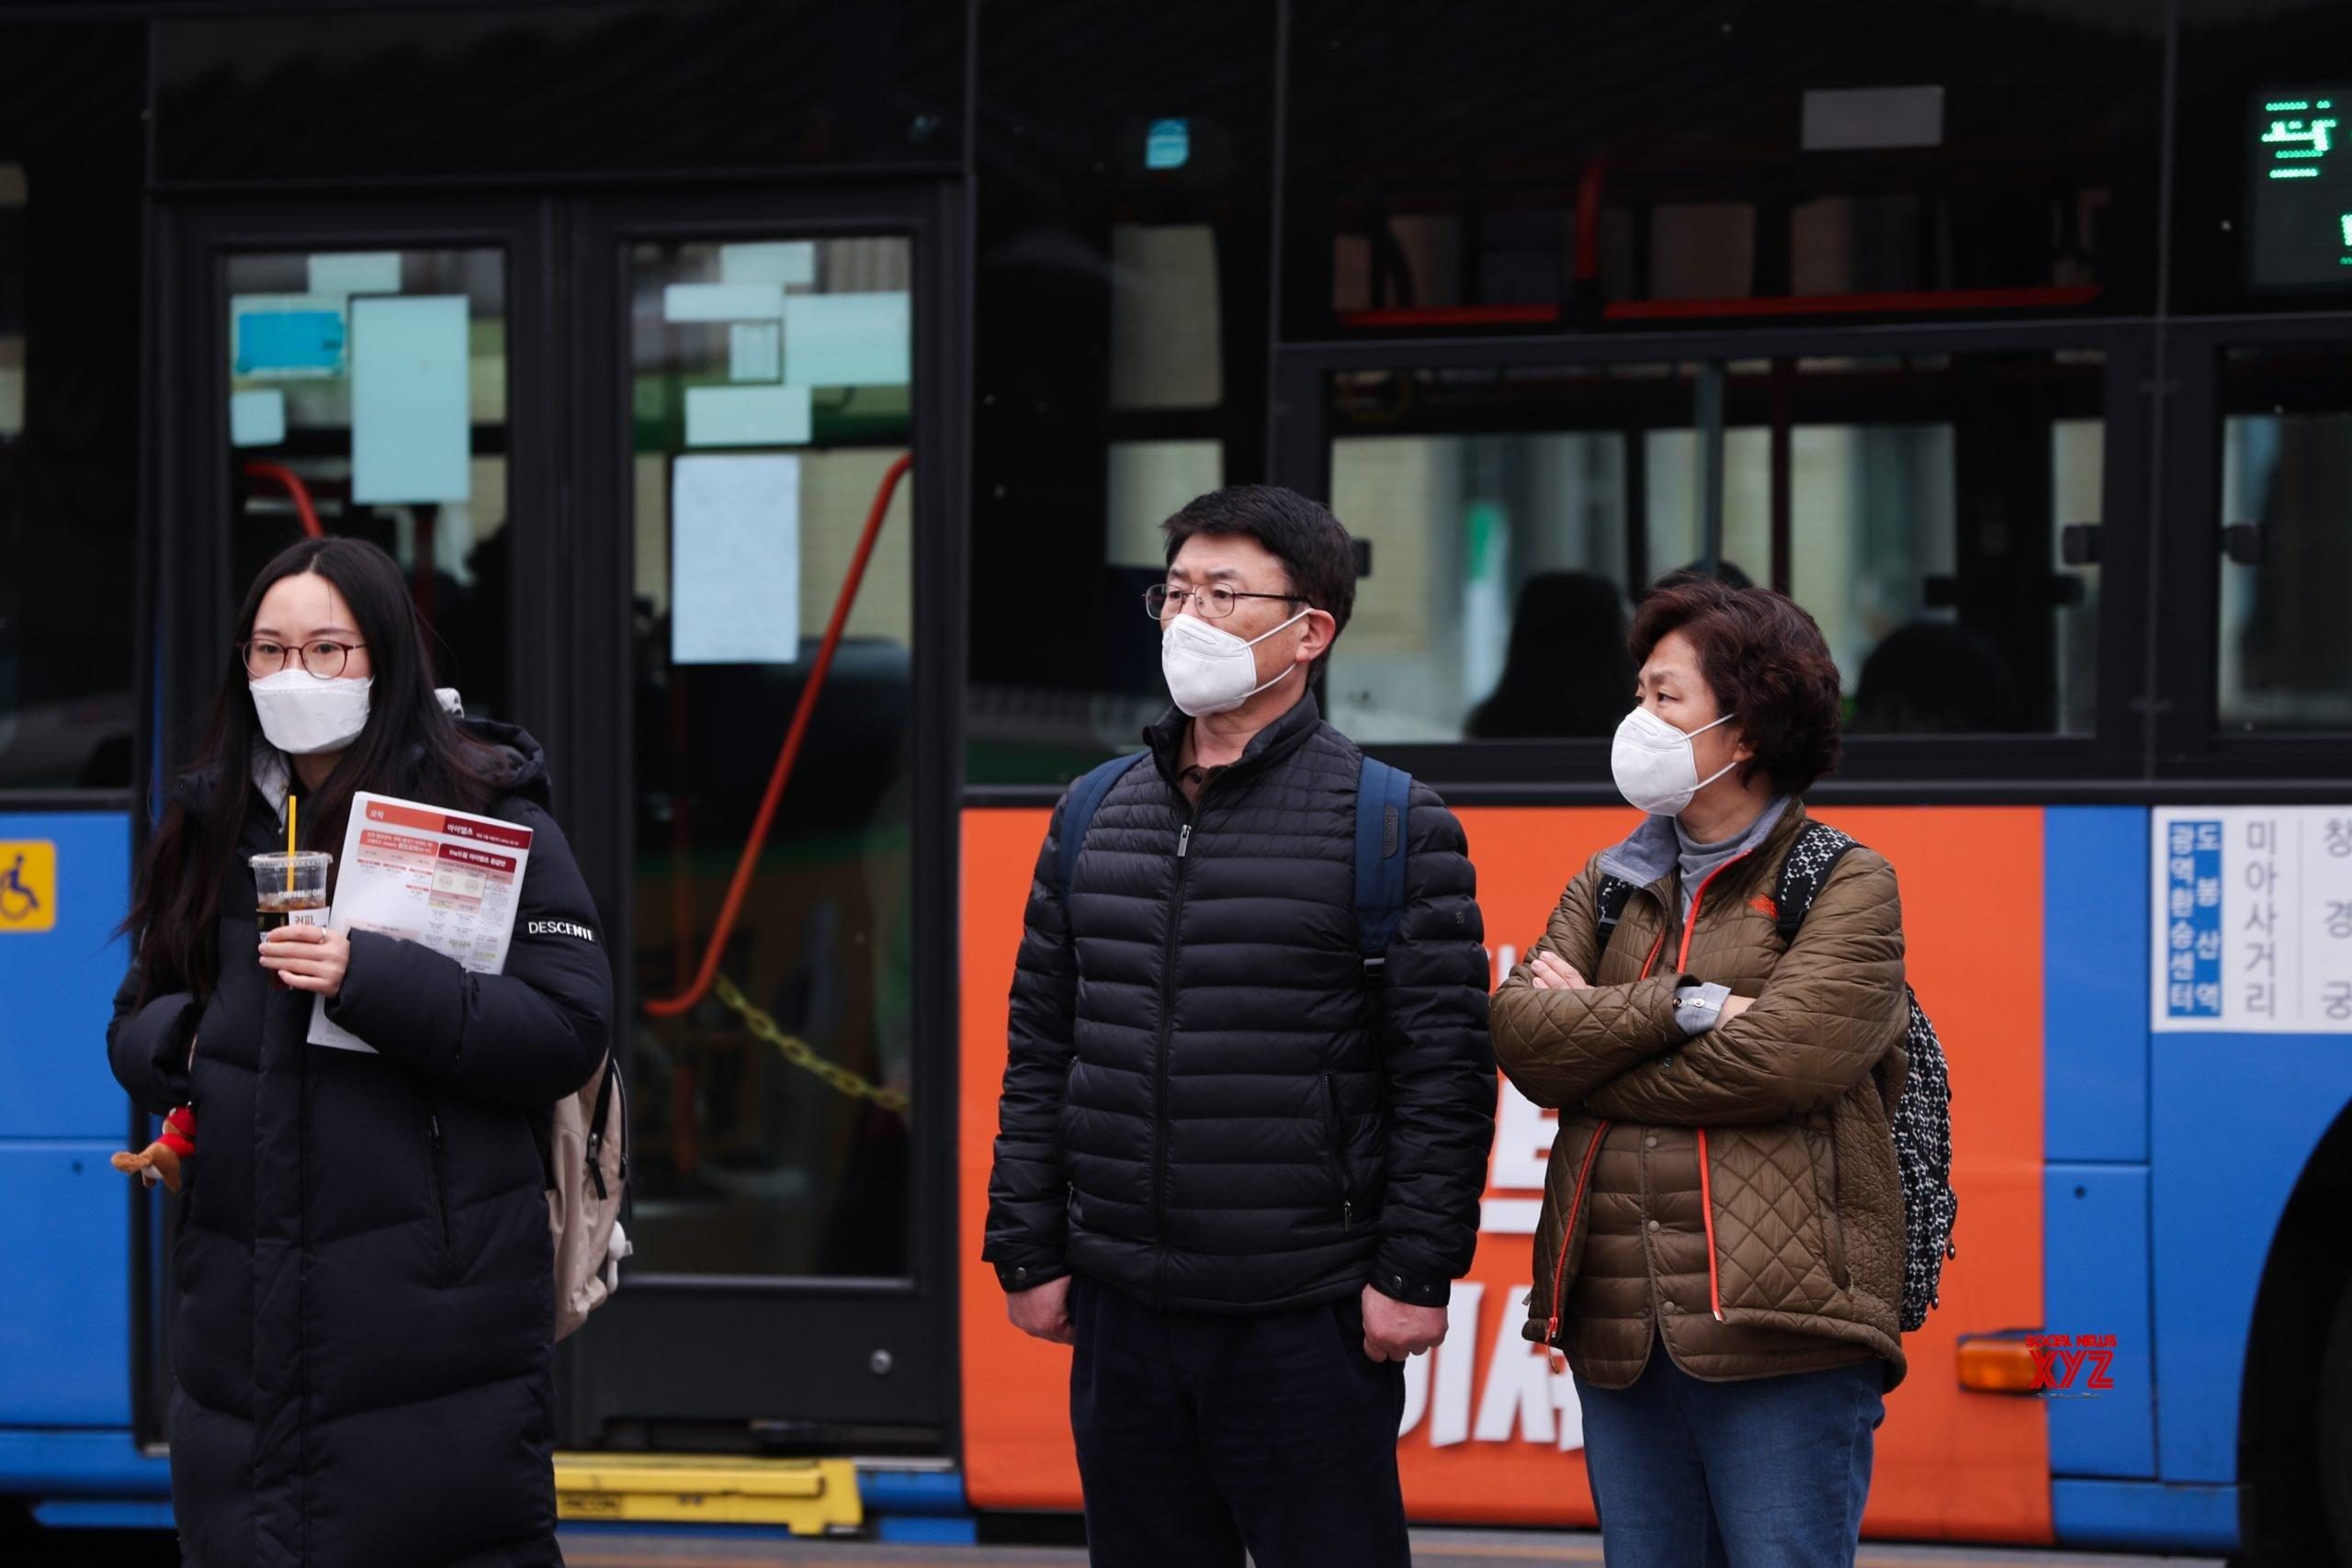 South Korea coronavirus cases pass 2 000: authorities